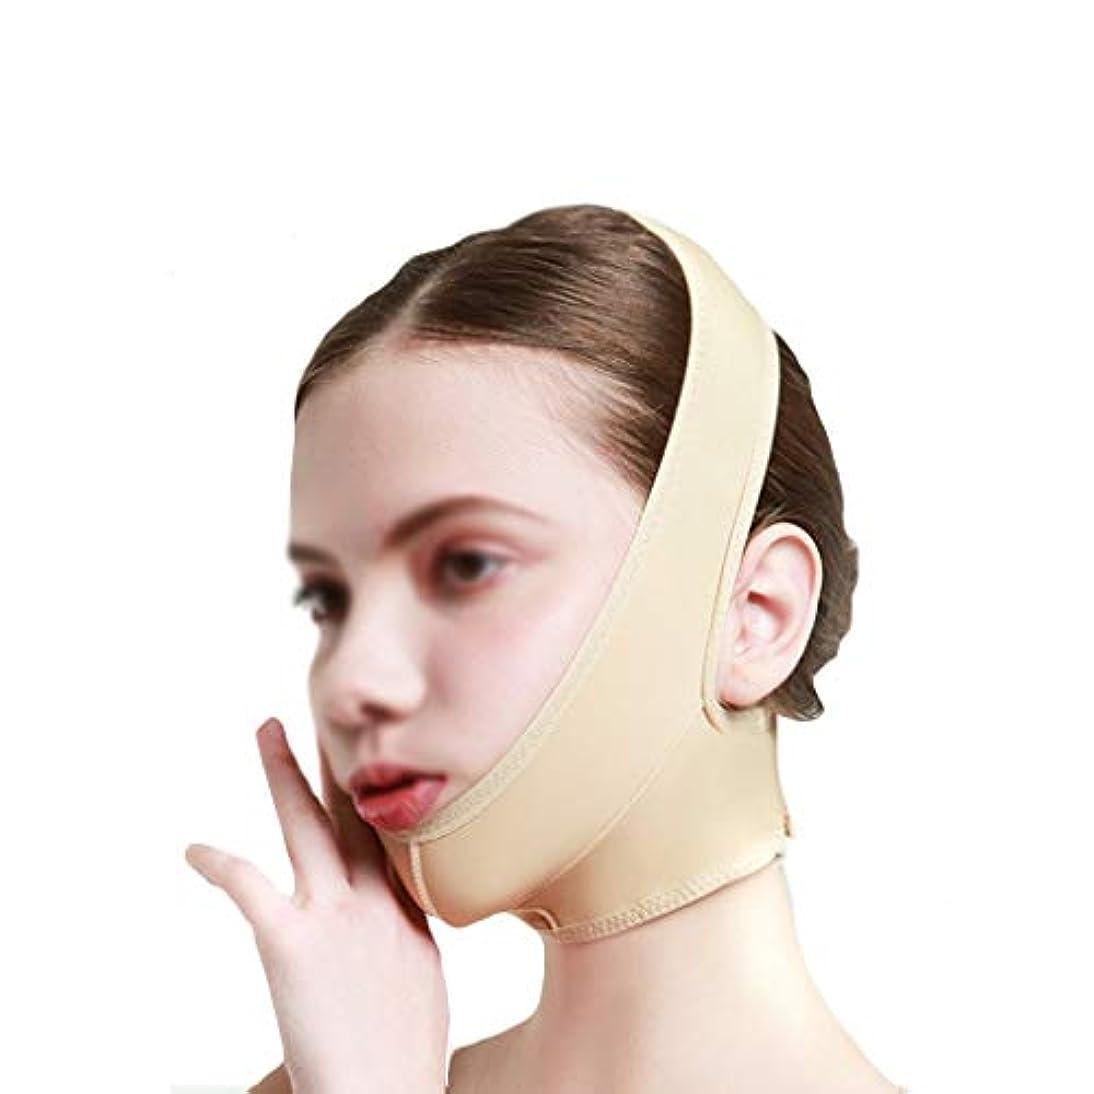 死の顎どちらか眠るLJK ダブルチンリデューサー、フェイススリミングマスク、フェイスリフティング、ストレッチマスク、二重あご、浮き彫りの浮き彫り、ケアツール、通気性 (Size : M)